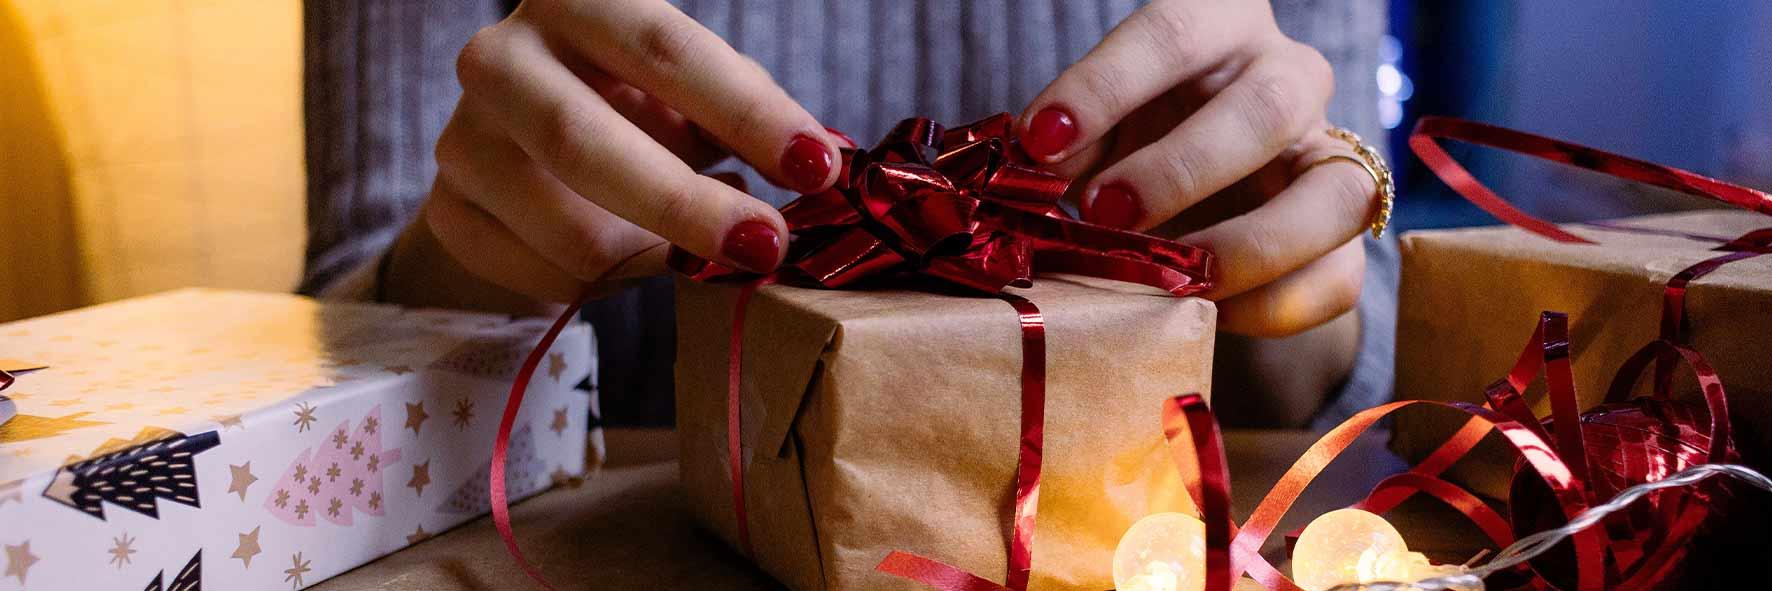 Idées de cadeaux de noel pour entrepreneur